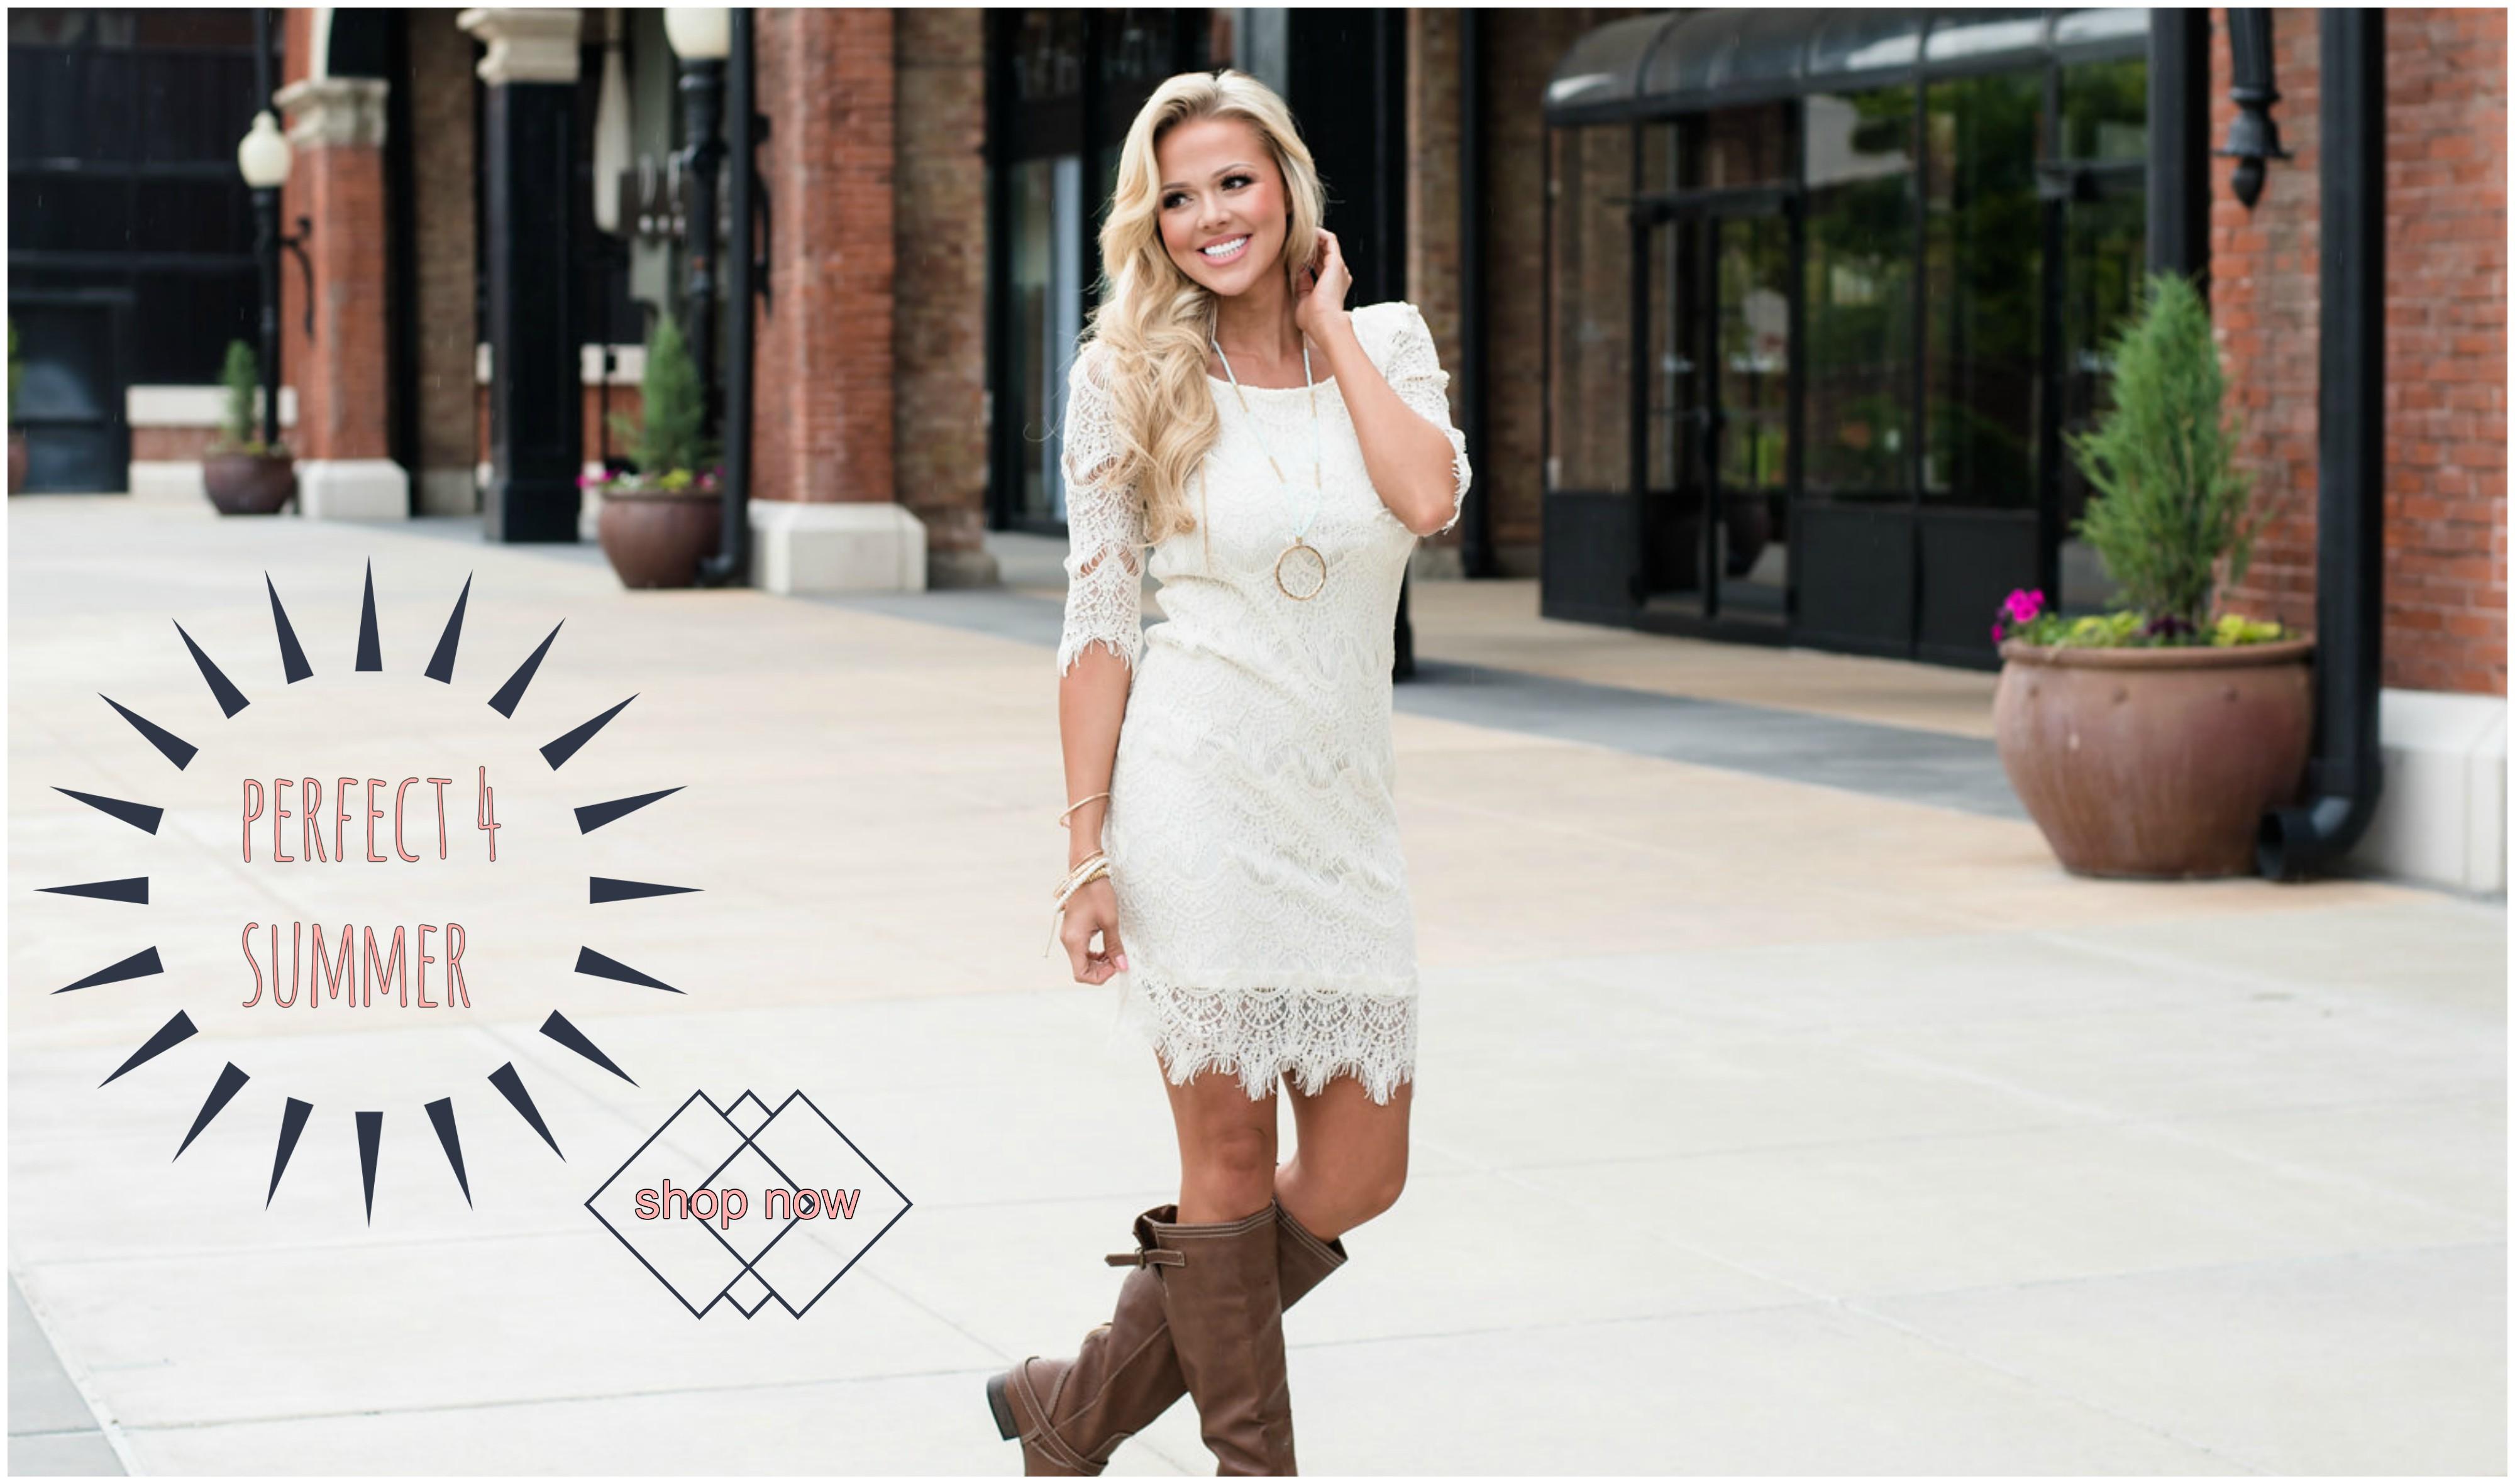 Trendy Boutique | Online Boutique Clothing | Online Boutique For ...